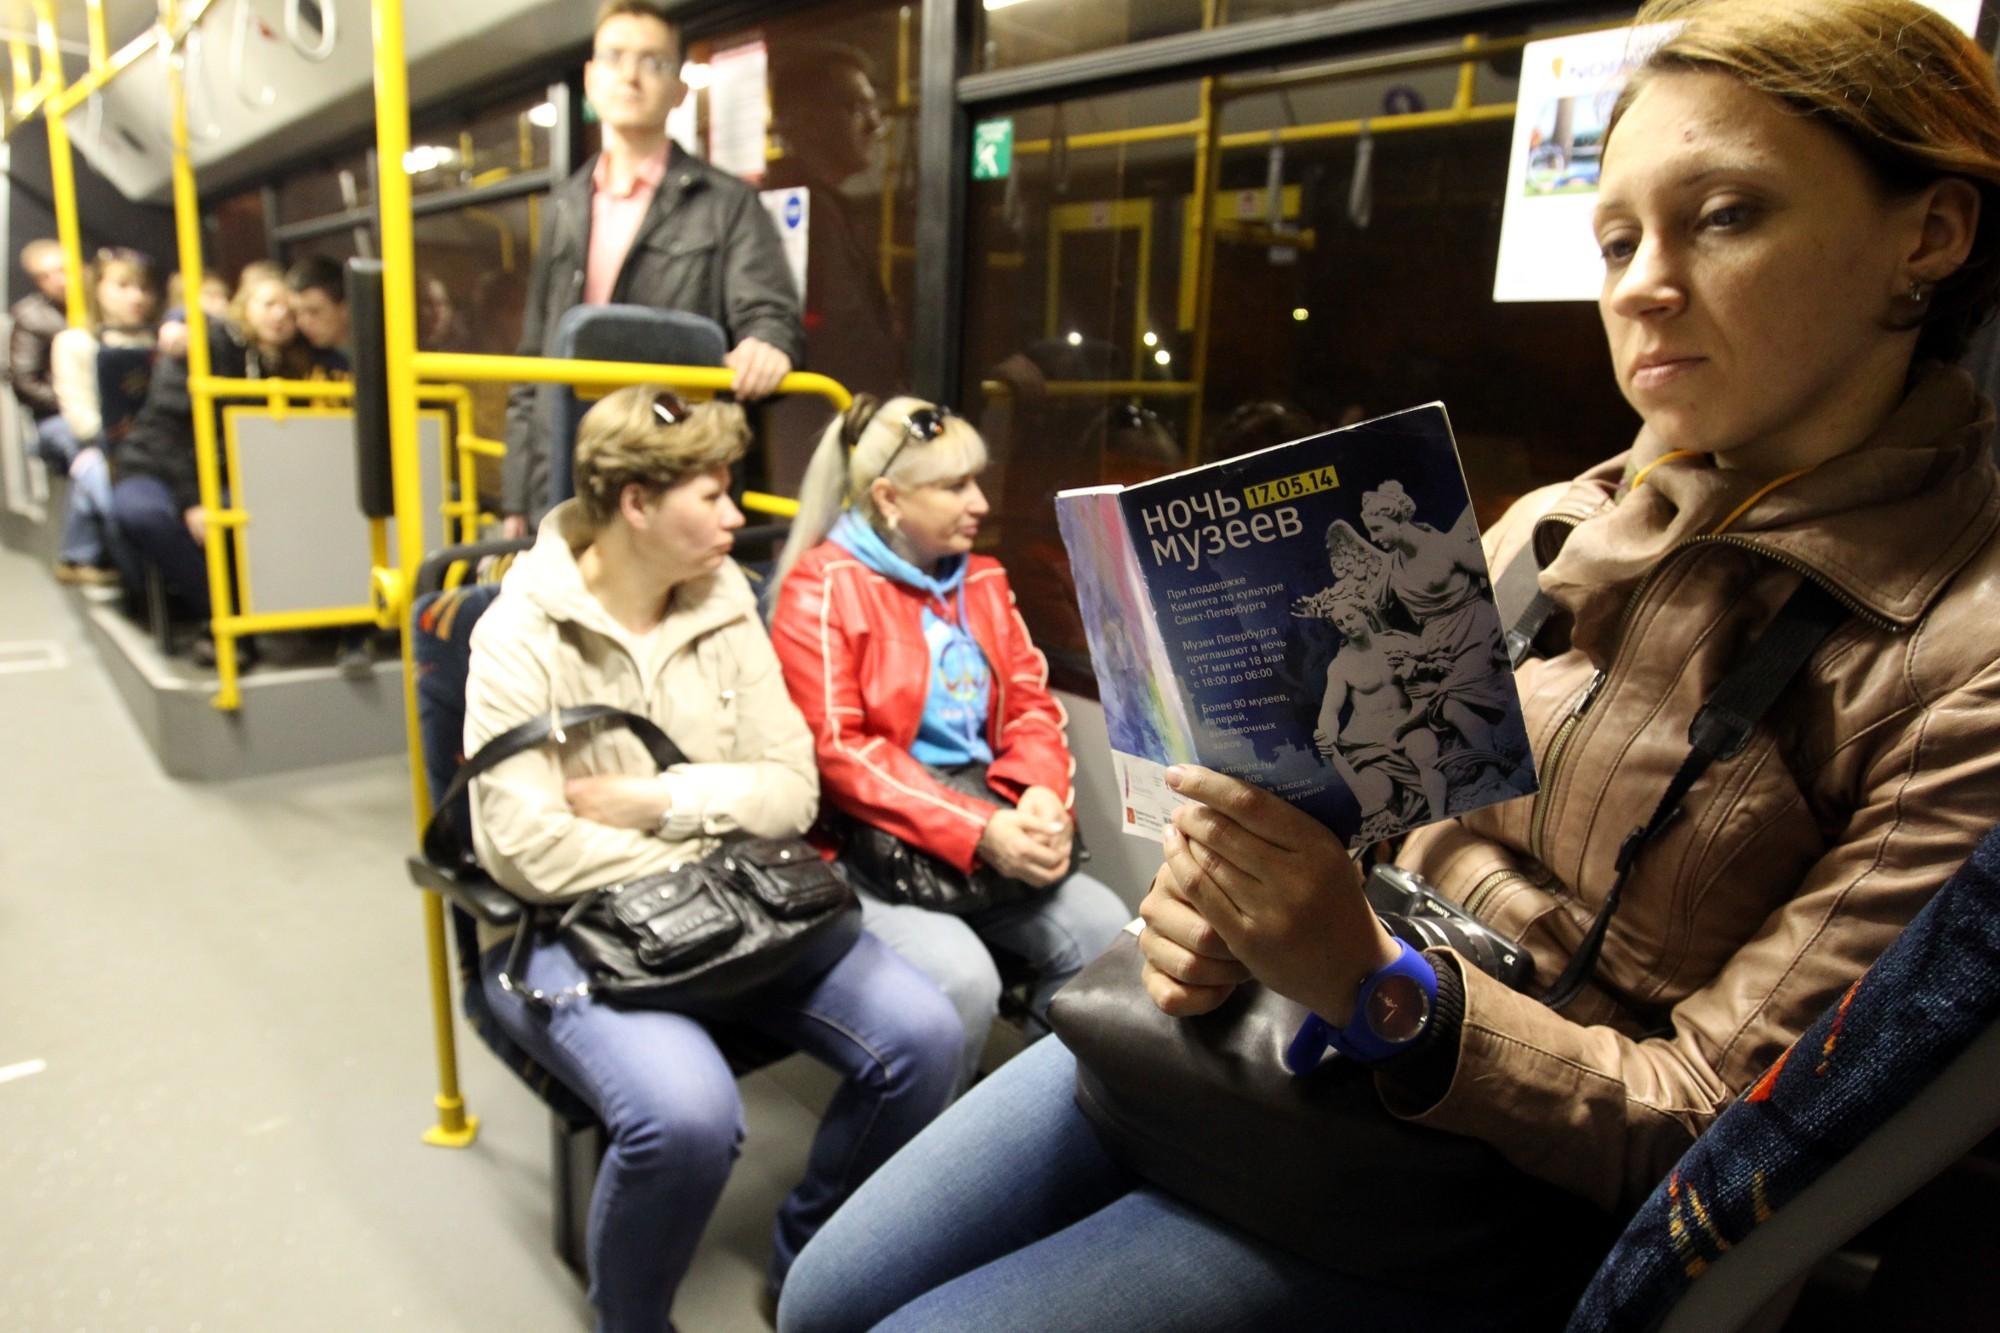 """Ночь музеев-2014. Фото: Илья Снопченко / ИА """"Диалог"""""""